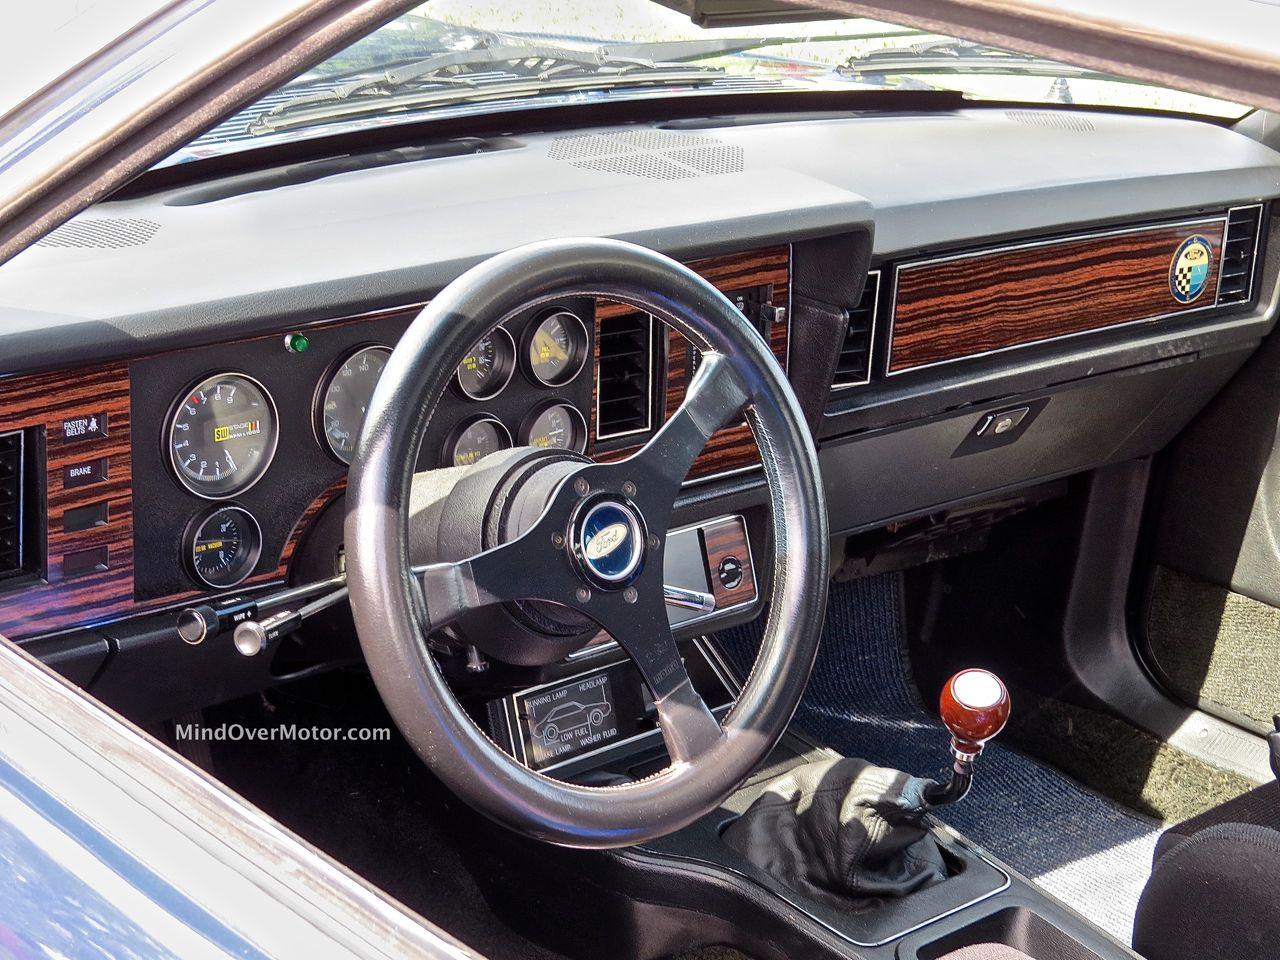 IMSA Mustang Interior